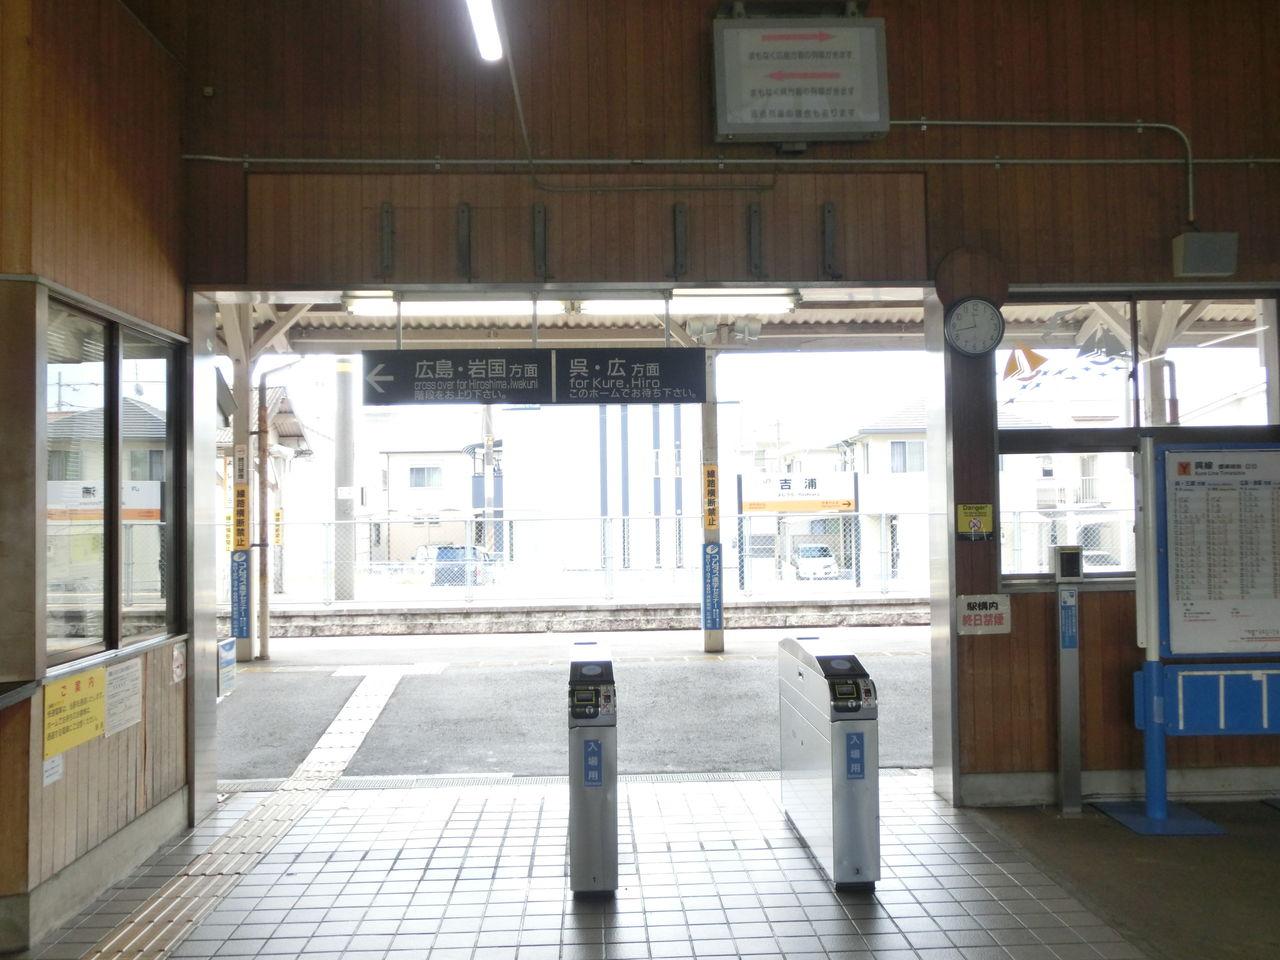 表 時刻 吉浦 駅